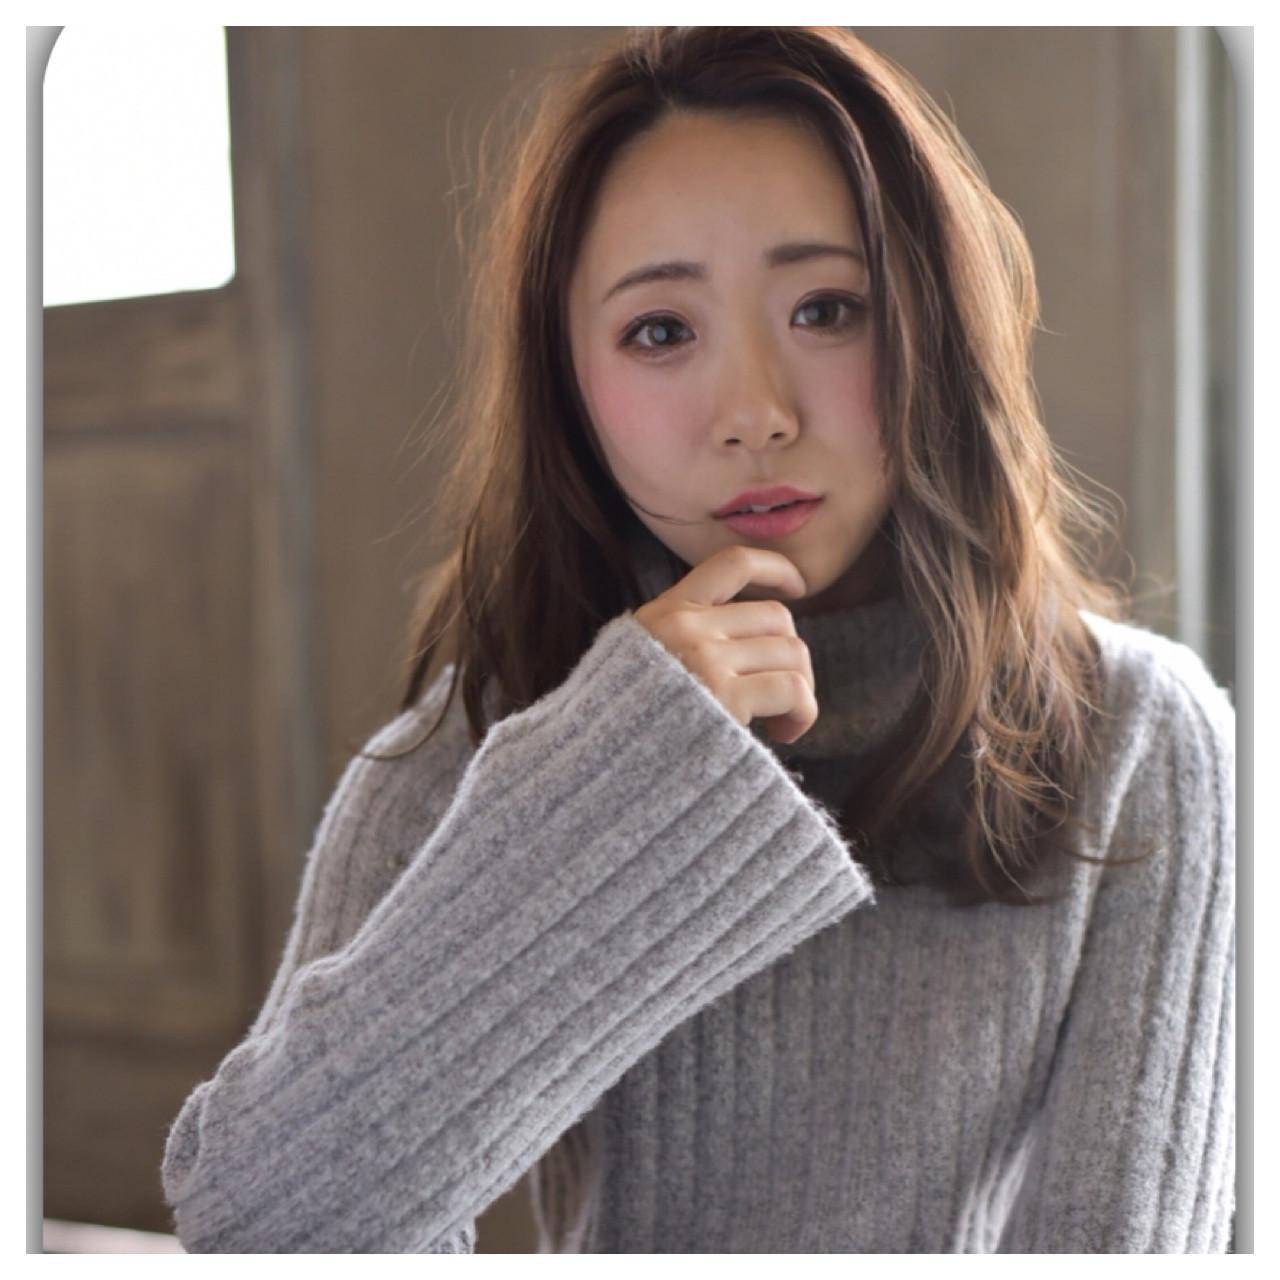 ナチュラル ゆるふわ 斜め前髪 ウェーブ ヘアスタイルや髪型の写真・画像 | Yoshito Ueda / nanana parena 宝塚店(ナナナパレナ)